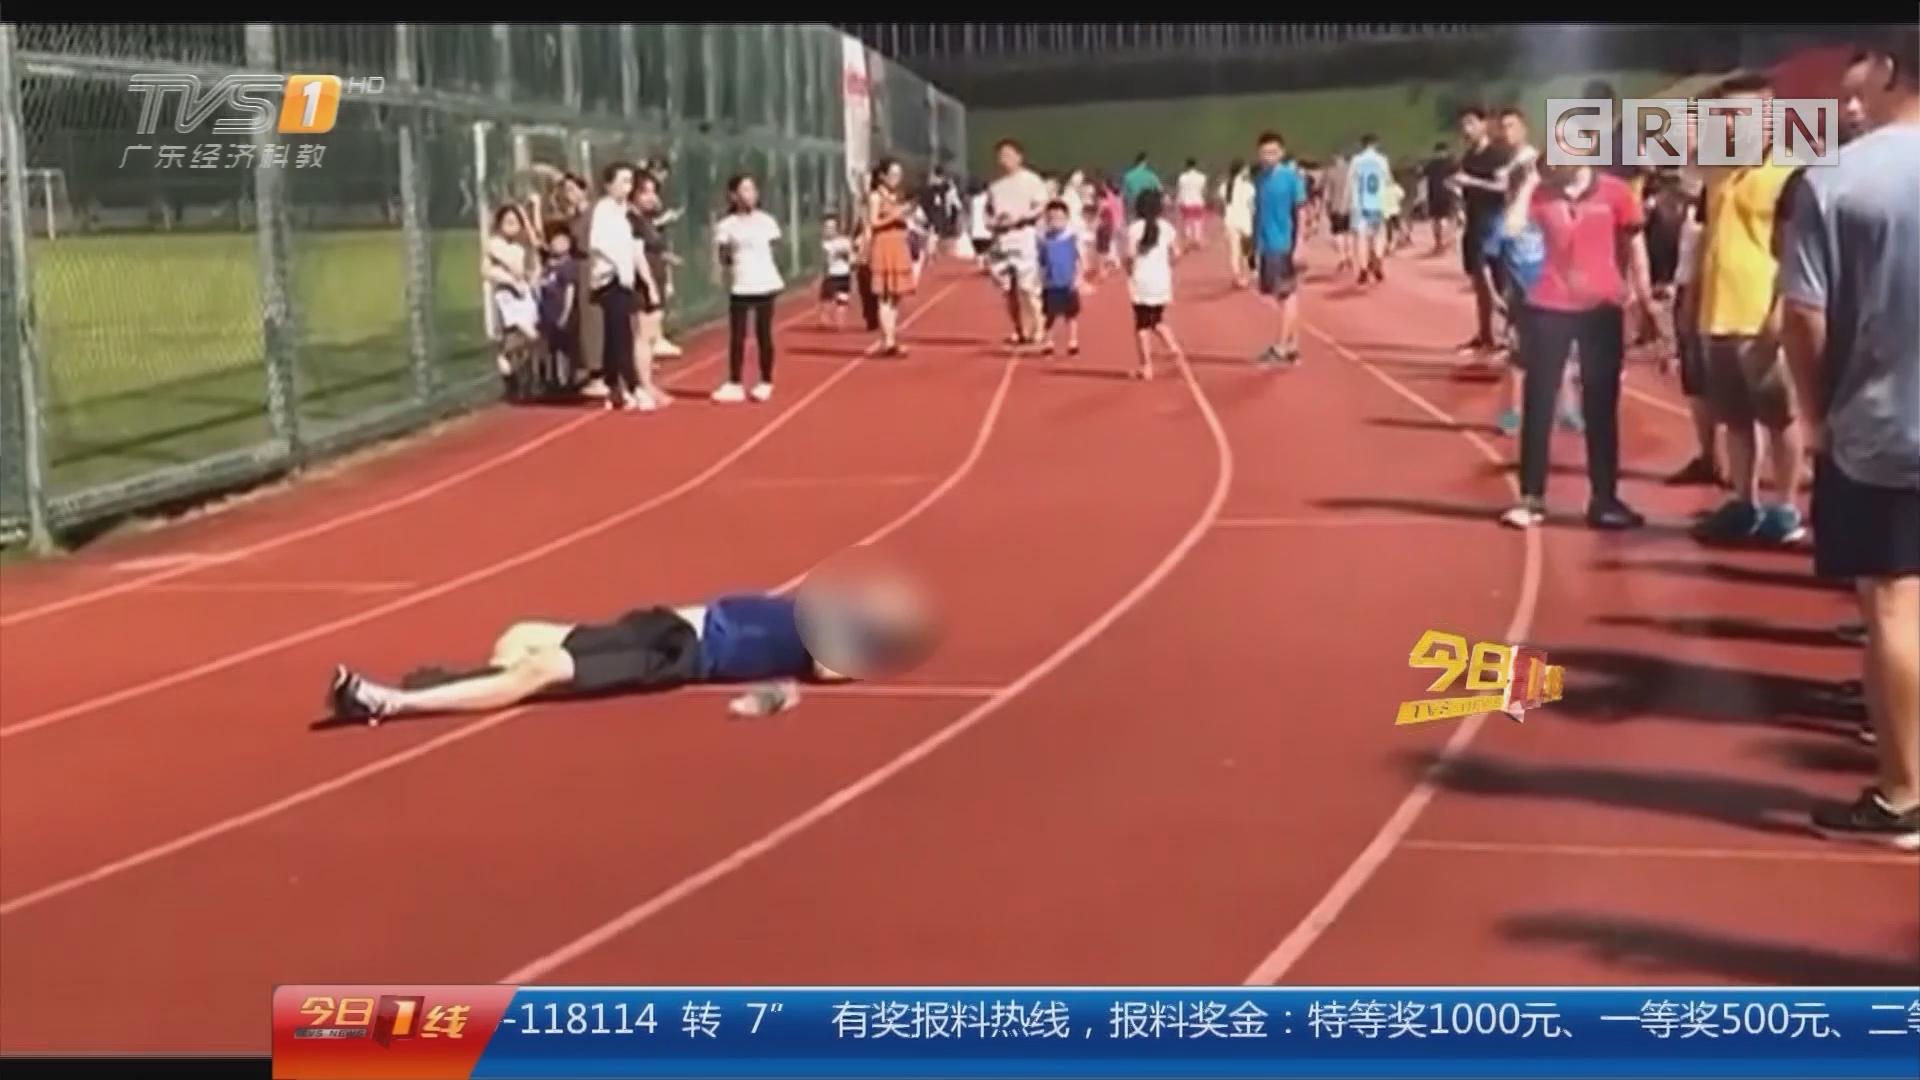 健身安全:男子跑步晕倒猝死 或因劳累过度